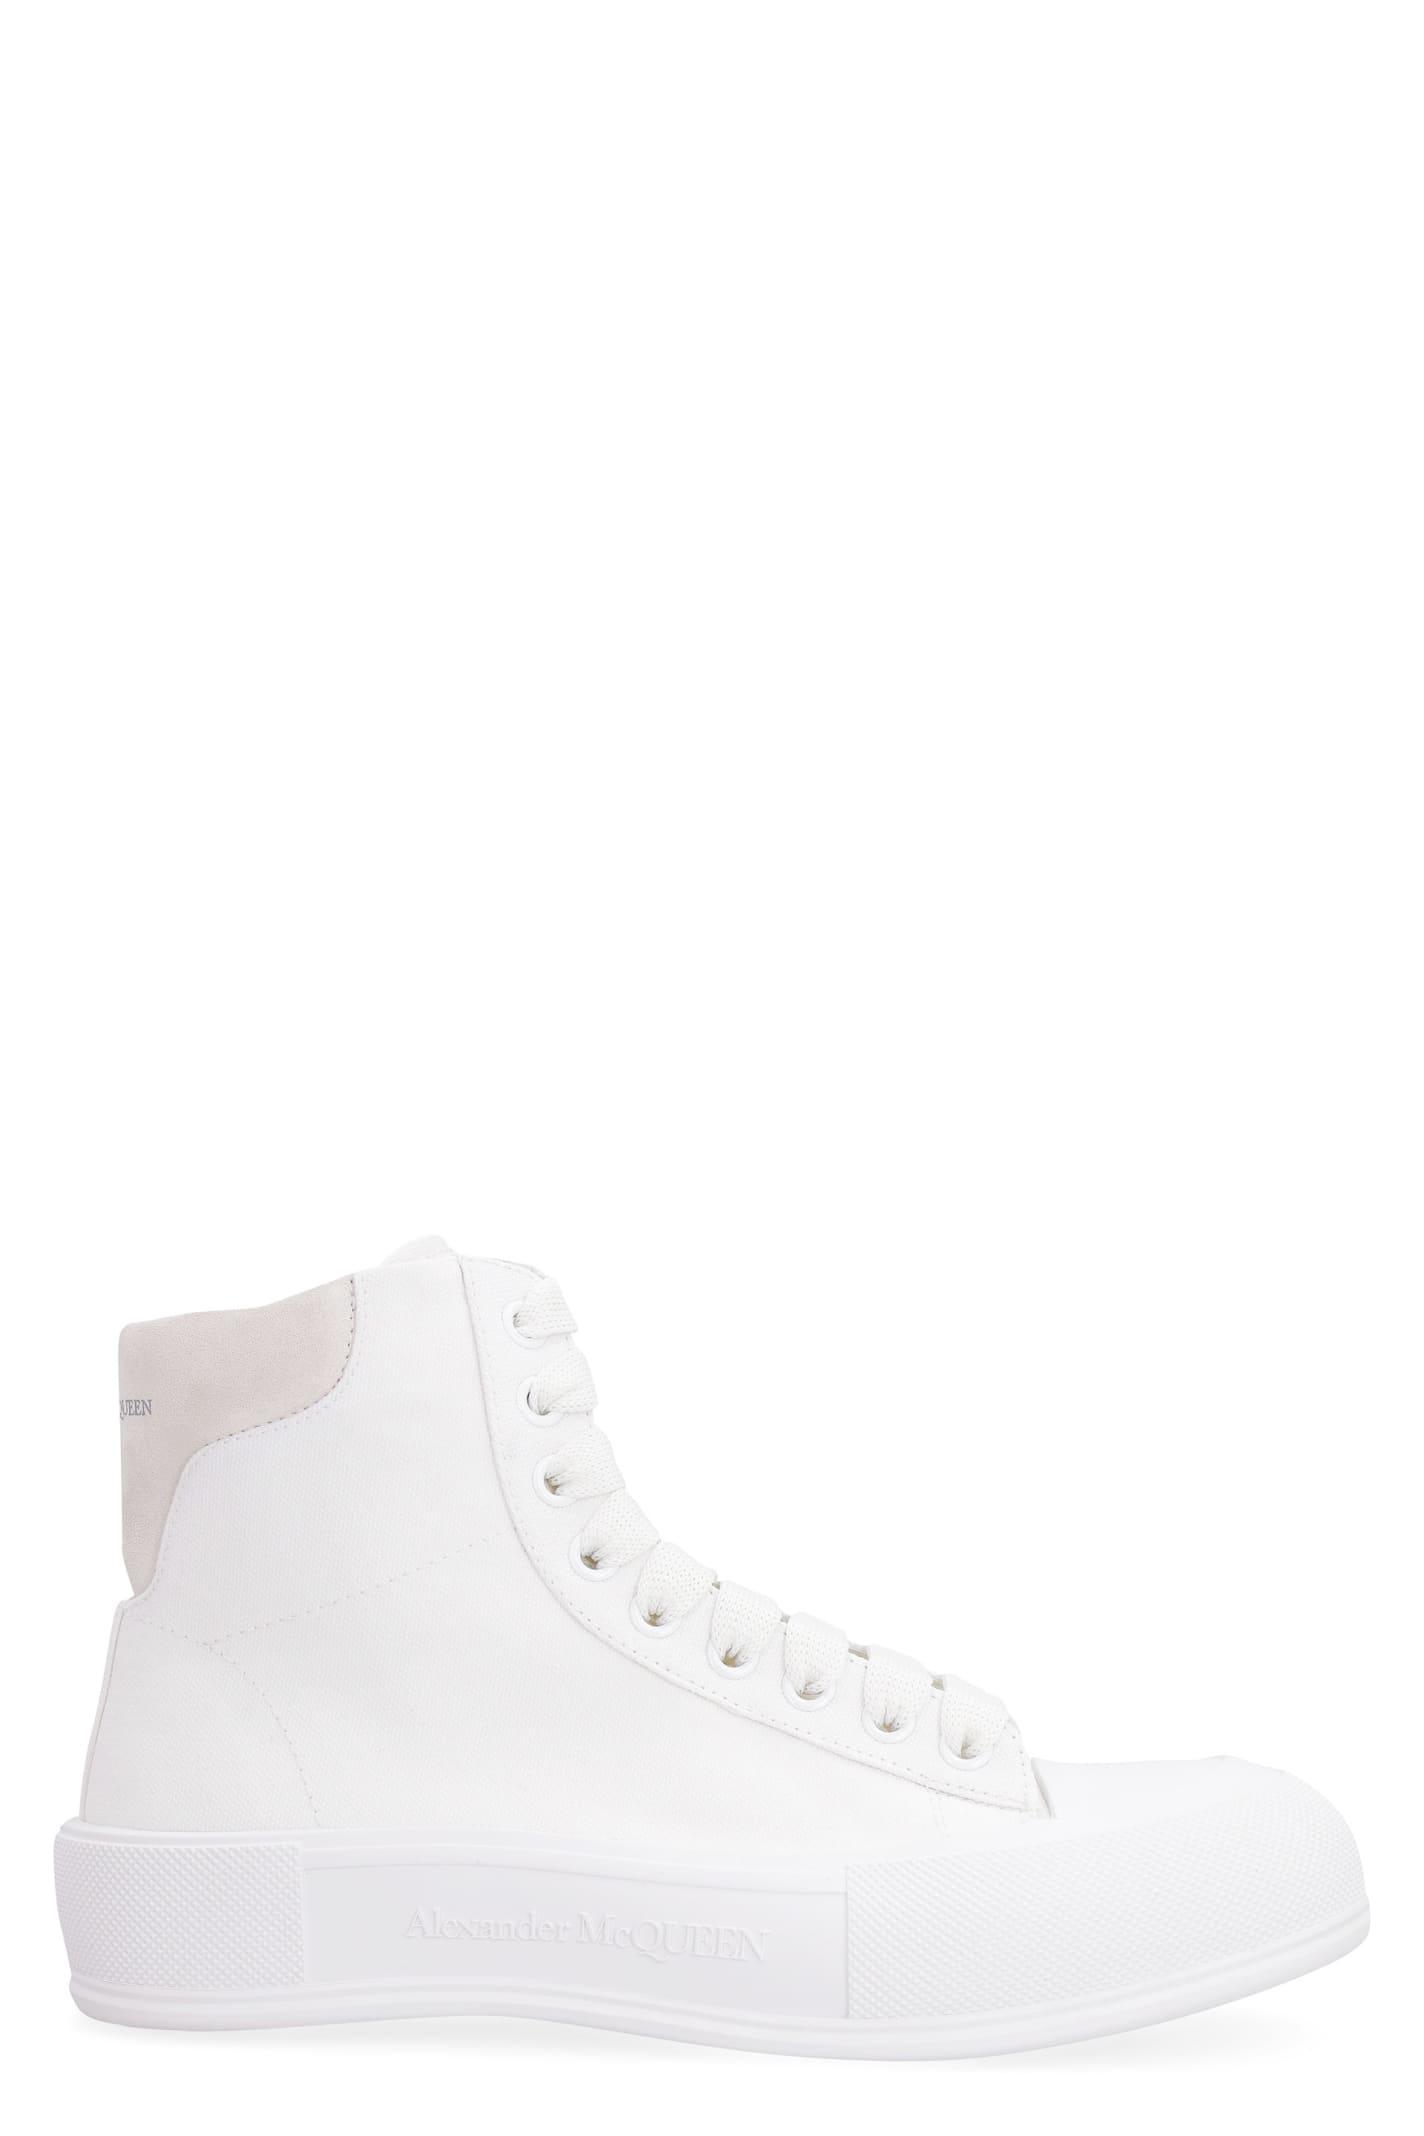 Alexander McQueen Canvas High-top Sneakers